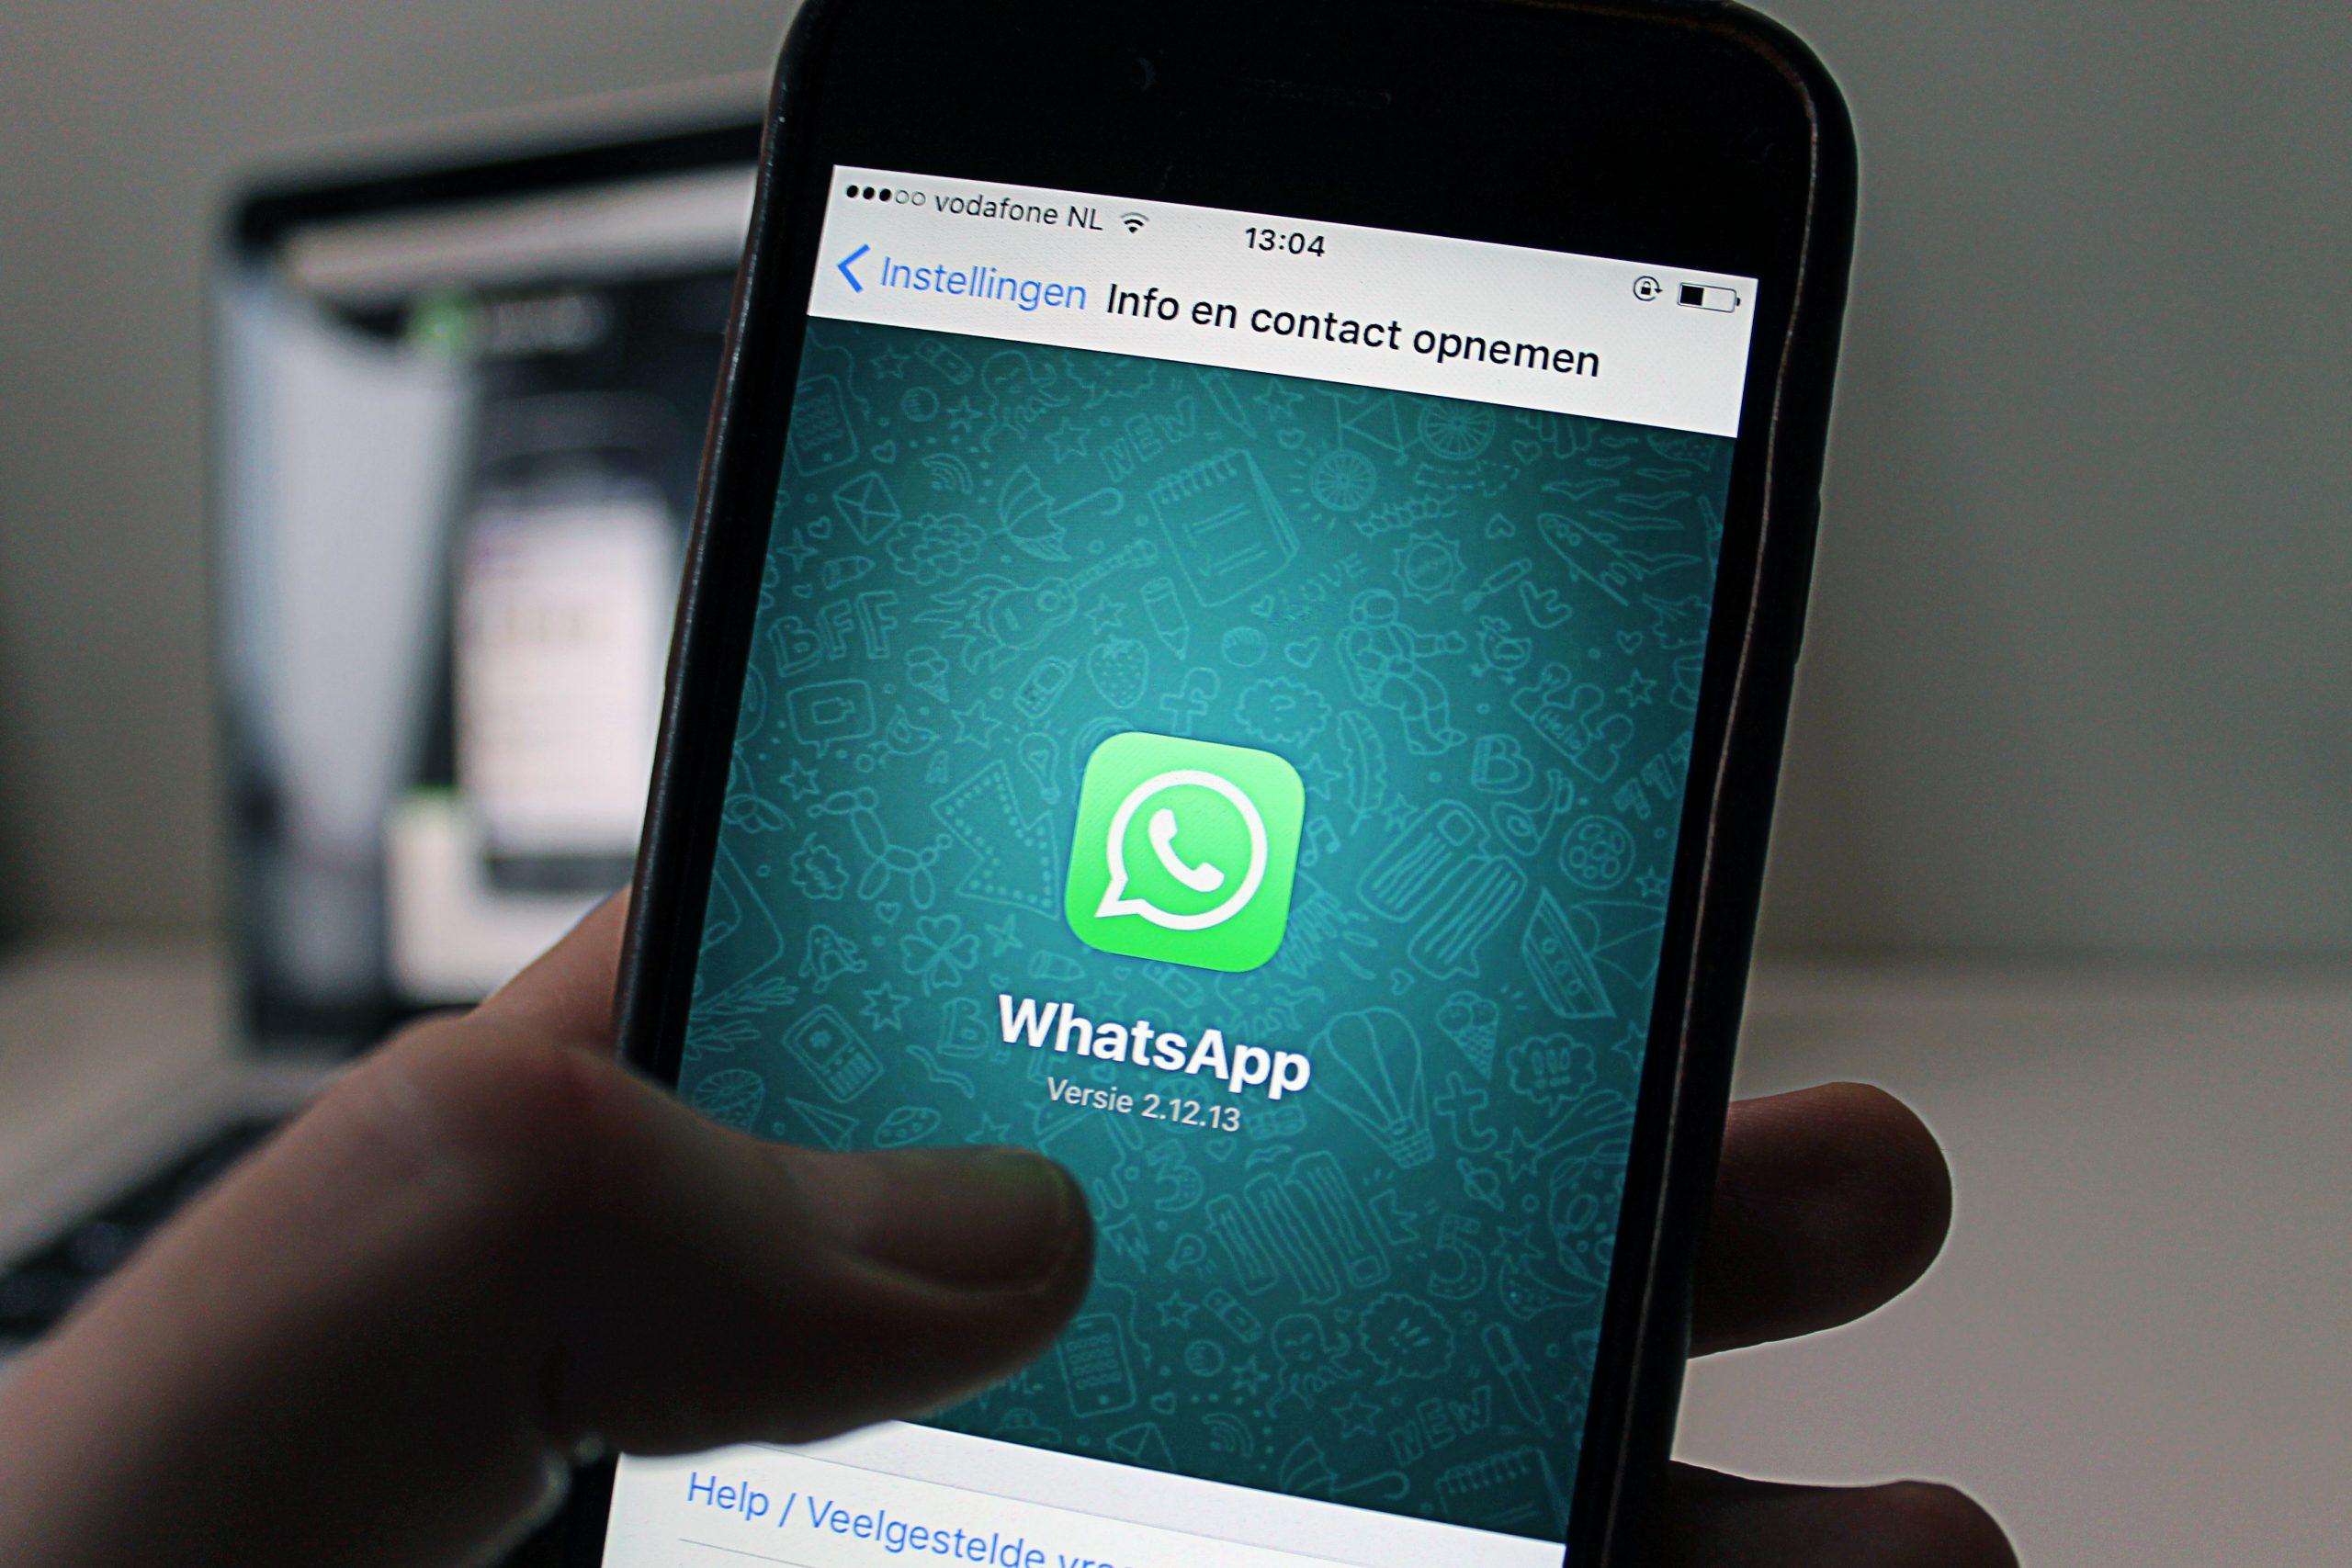 Indignante: Descubren grupo de WhatsApp en donde funcionarios compartían fotos íntimas de mujeres indígenas